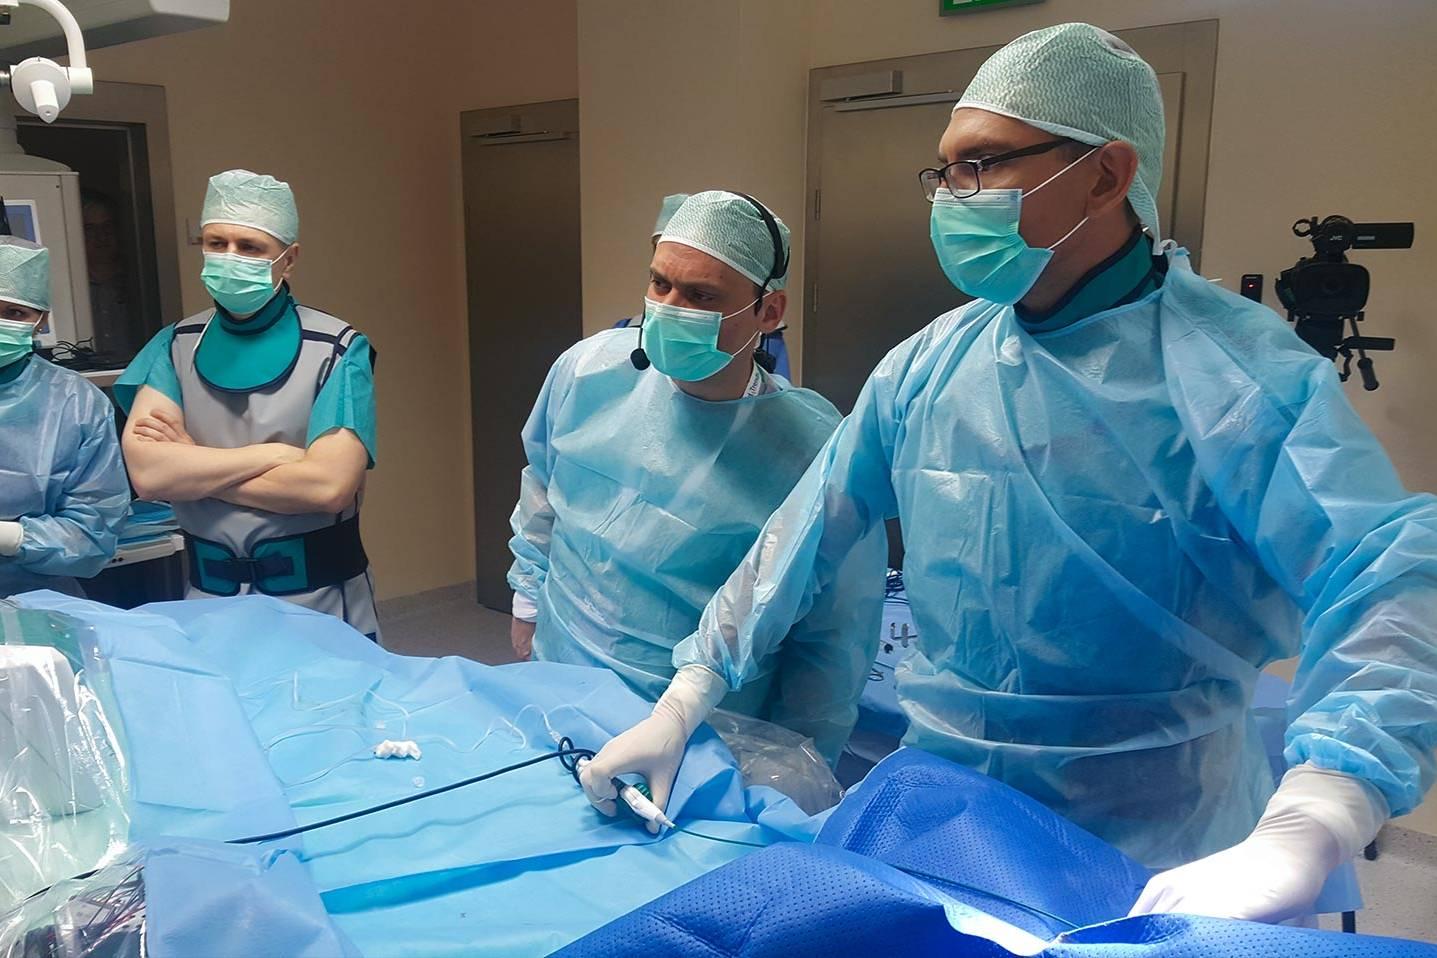 Grupa lekarzy w sali operacyjnej